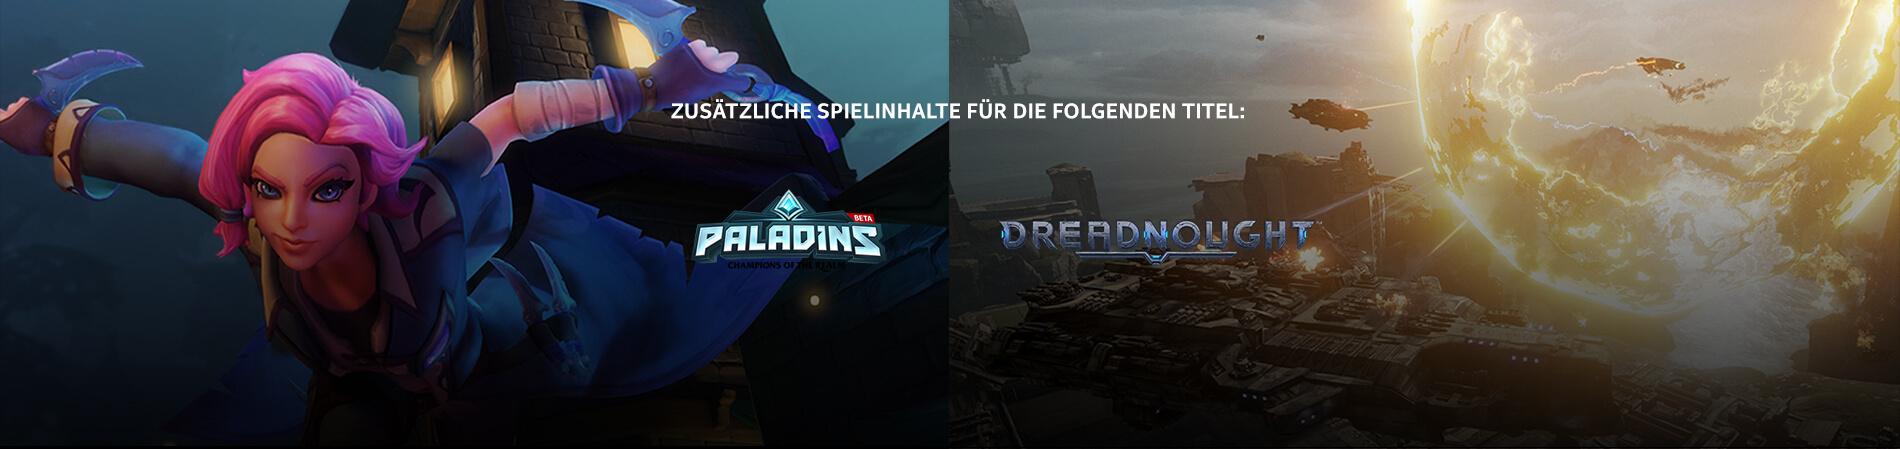 Paladins & Dreadnought